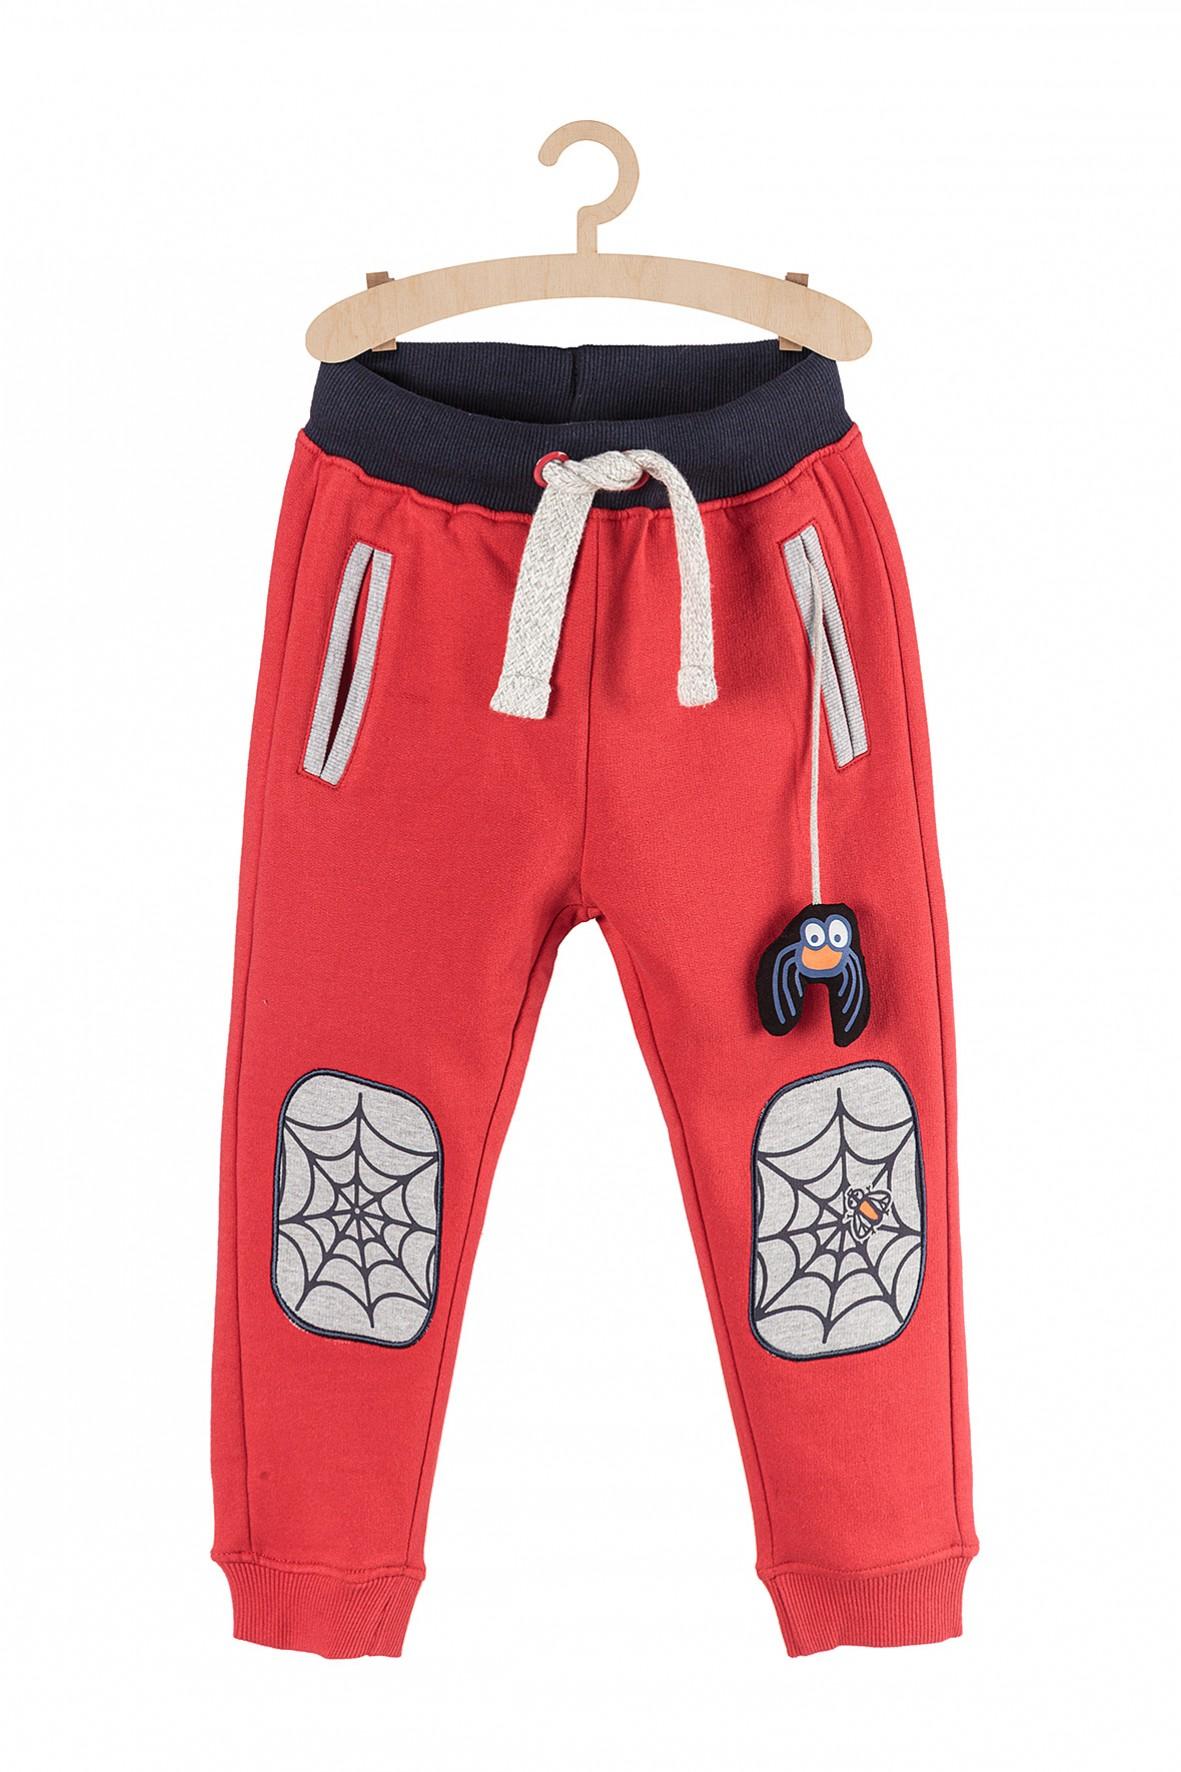 Spodnie chłopięce dresowe- czerwone z łatami na kolanach